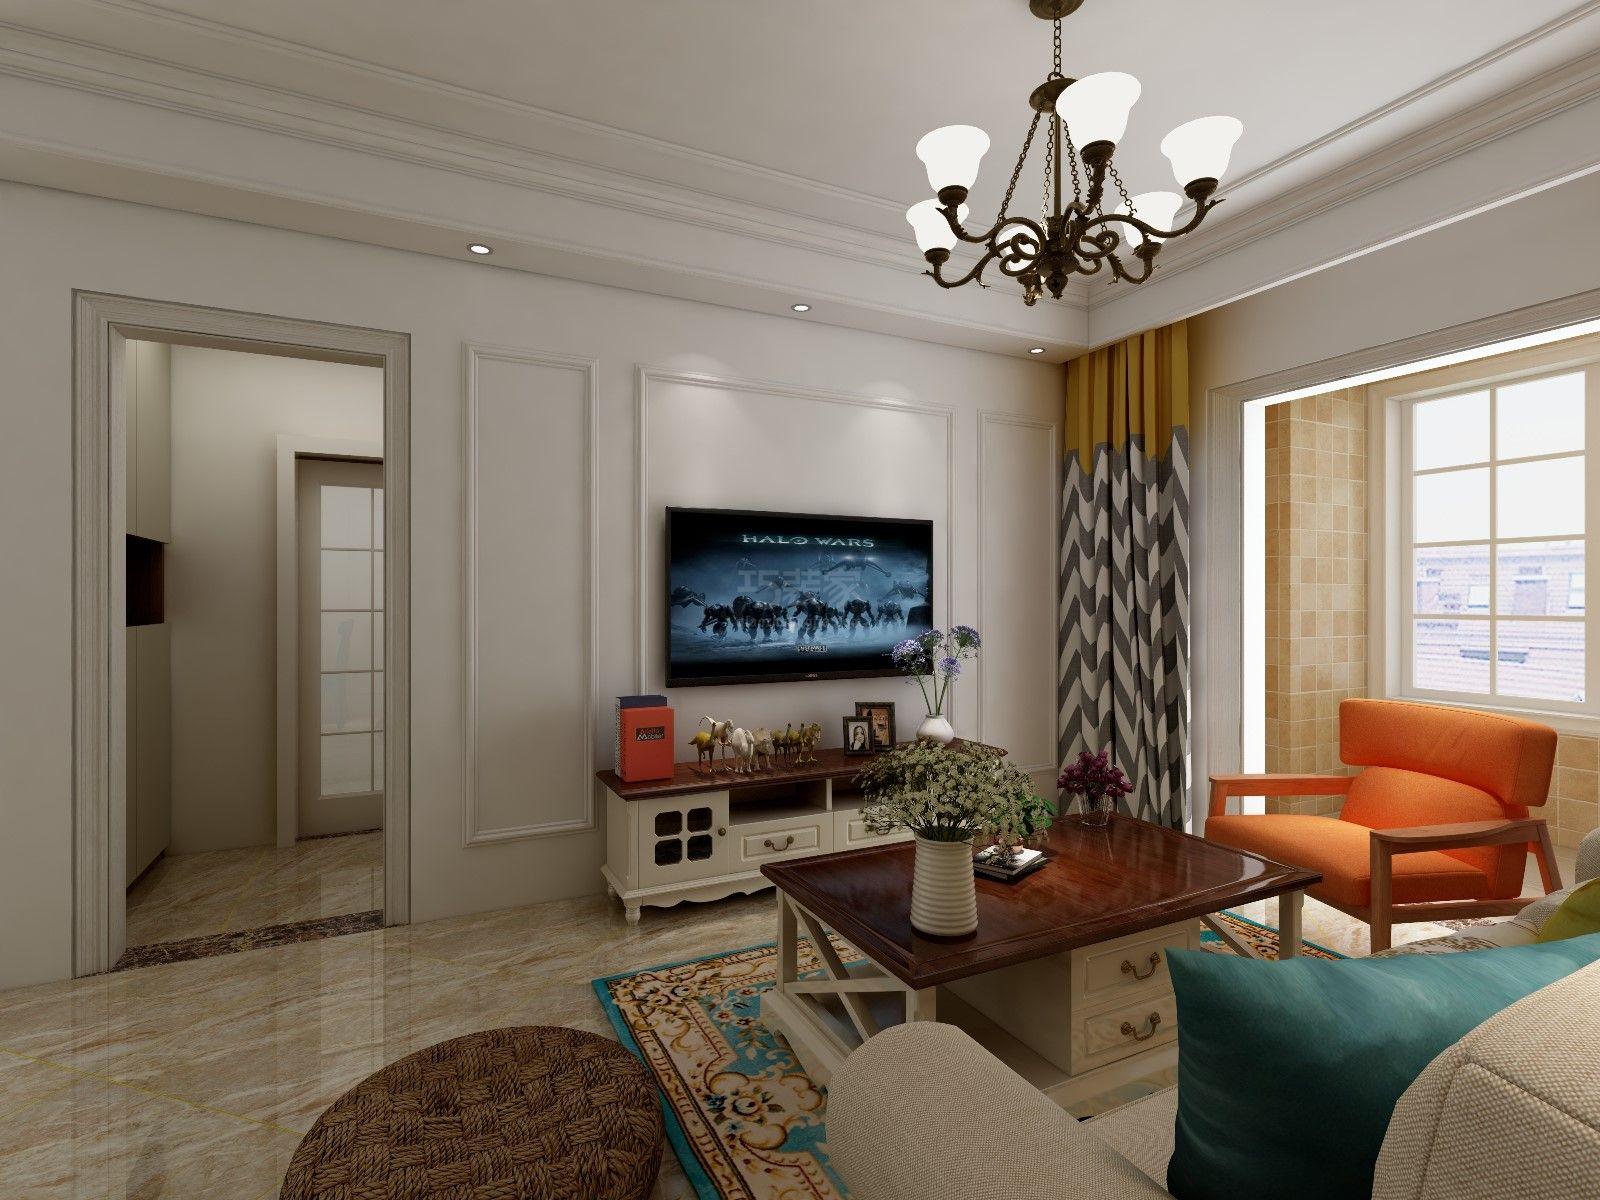 设计说明——(预约:182-9186-6197)根据客户的喜好,本案定义为简美风格,家具以舒适为主,结合户型比较紧凑的特点,一切从简,局部用了石膏线,来突出空间的层次感,达到了业主简洁明快,温馨舒适的需求。